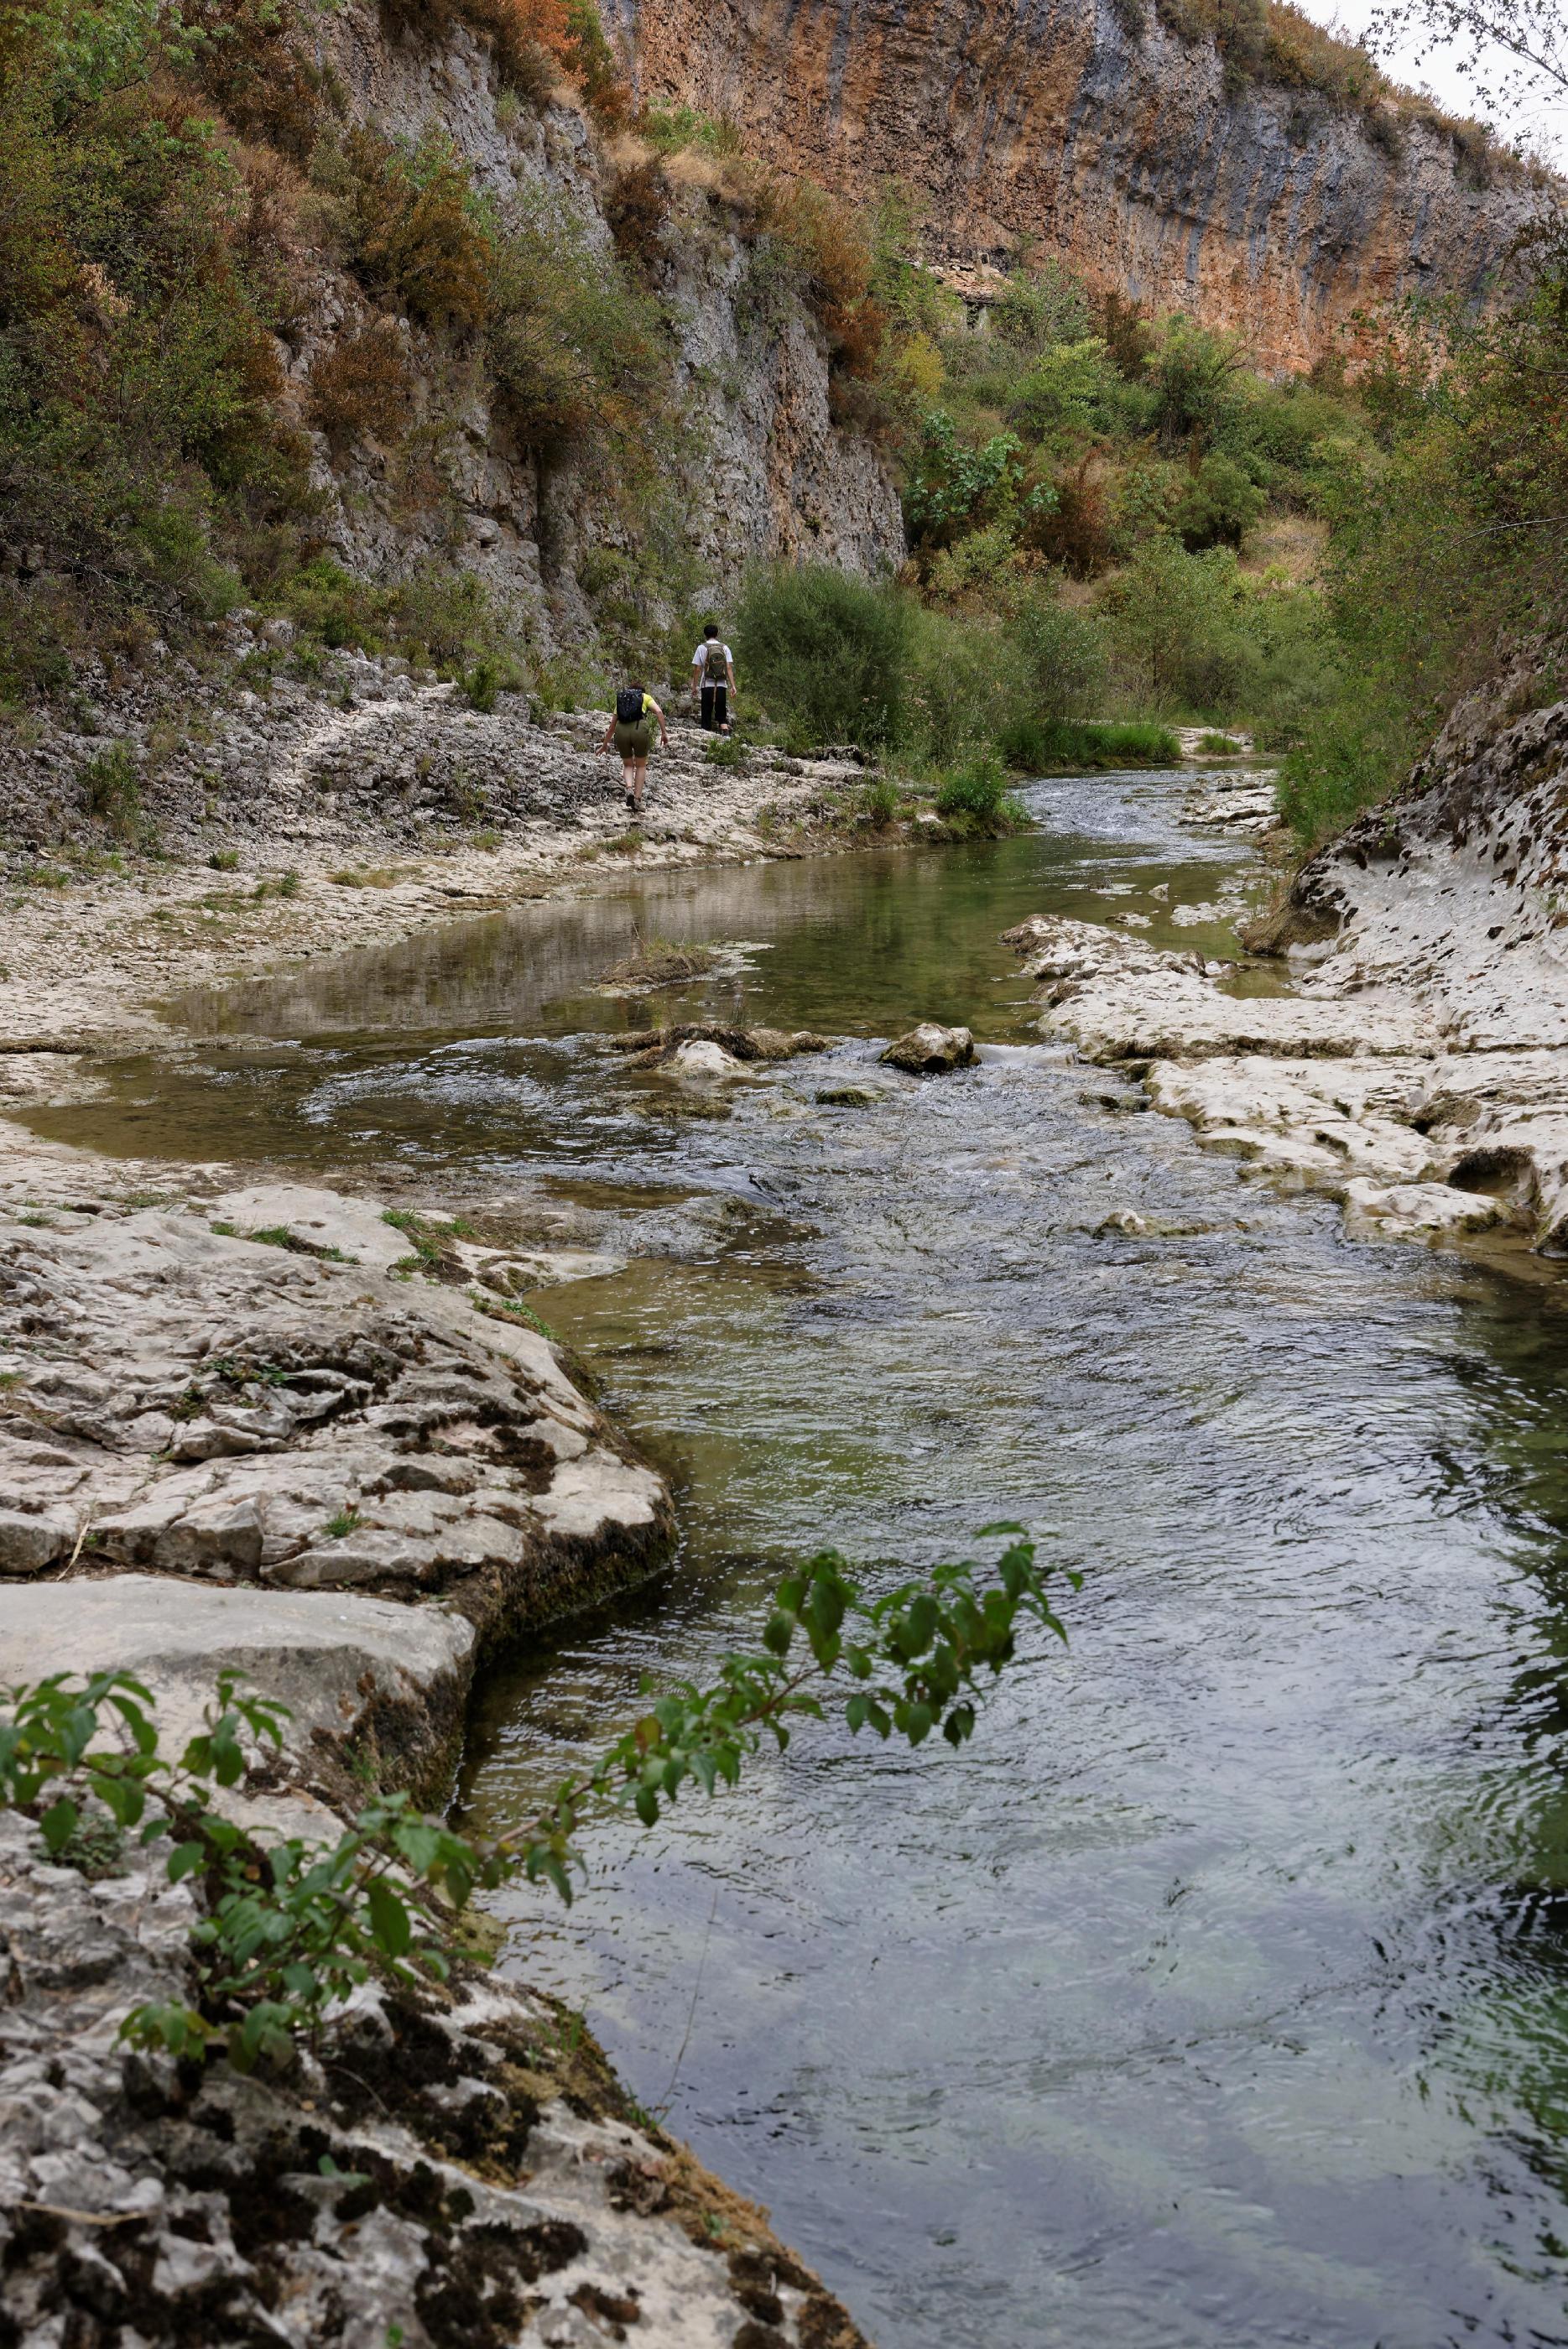 160909-lecina-marche-canyon-del-rio-vero-puente-de-villacantal-sierra-de-guara-aragon-38